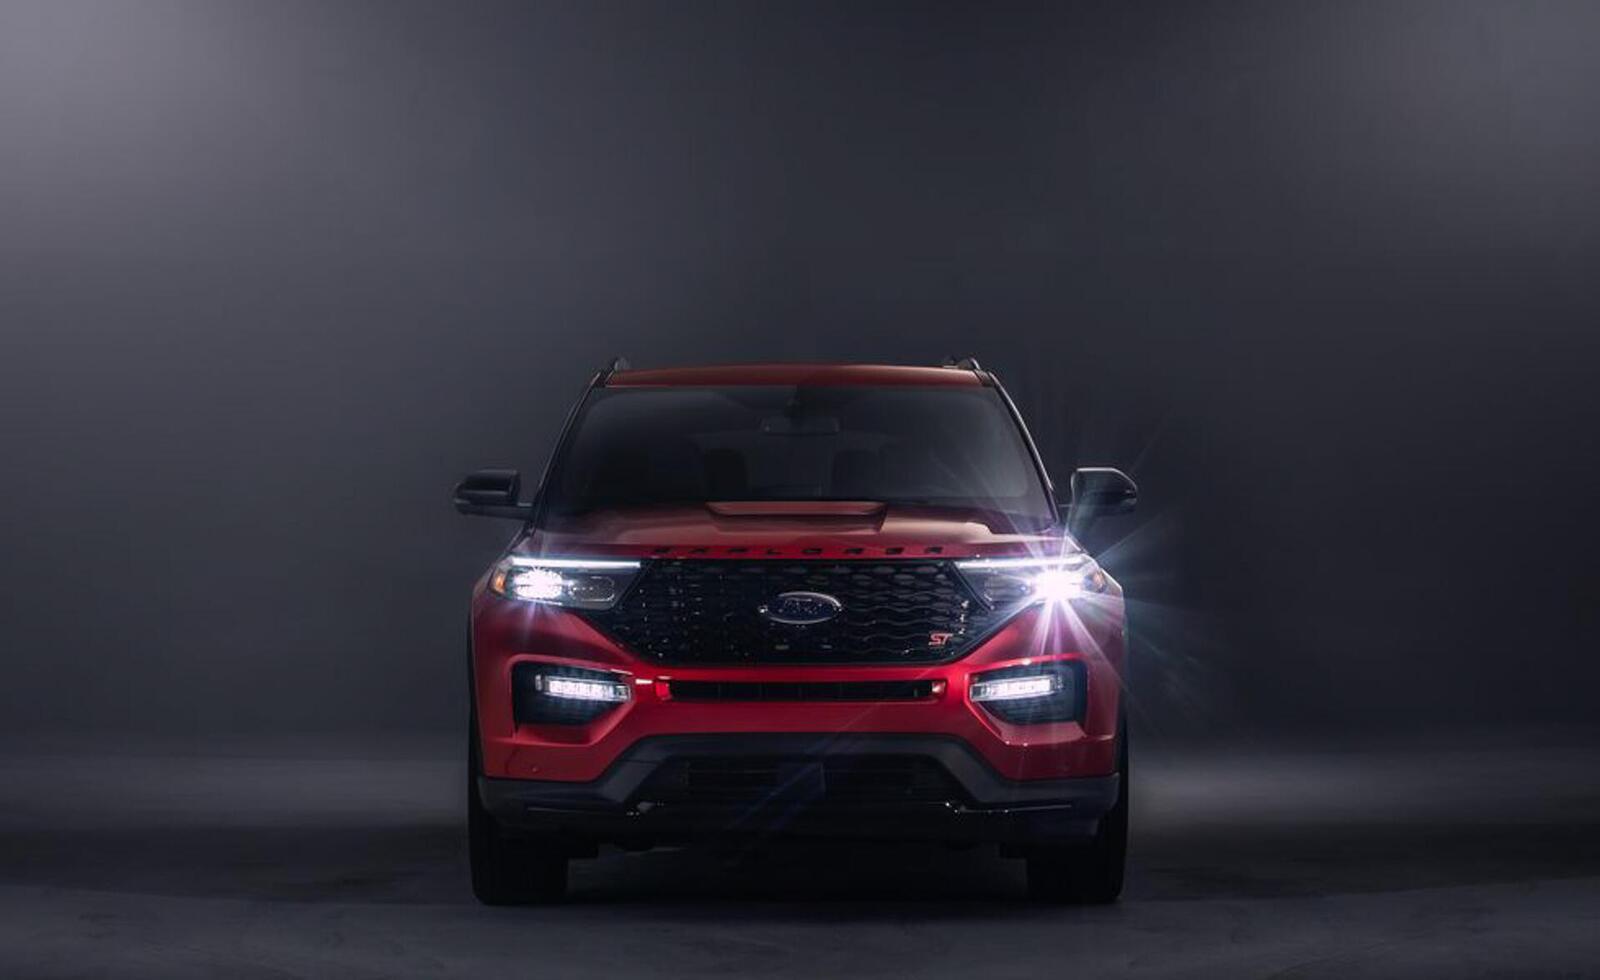 Ford giới thiệu Explorer ST 2020: Phiên bản mạnh nhất lắp máy V6 3.0L tăng áp 400 mã lực - Hình 3